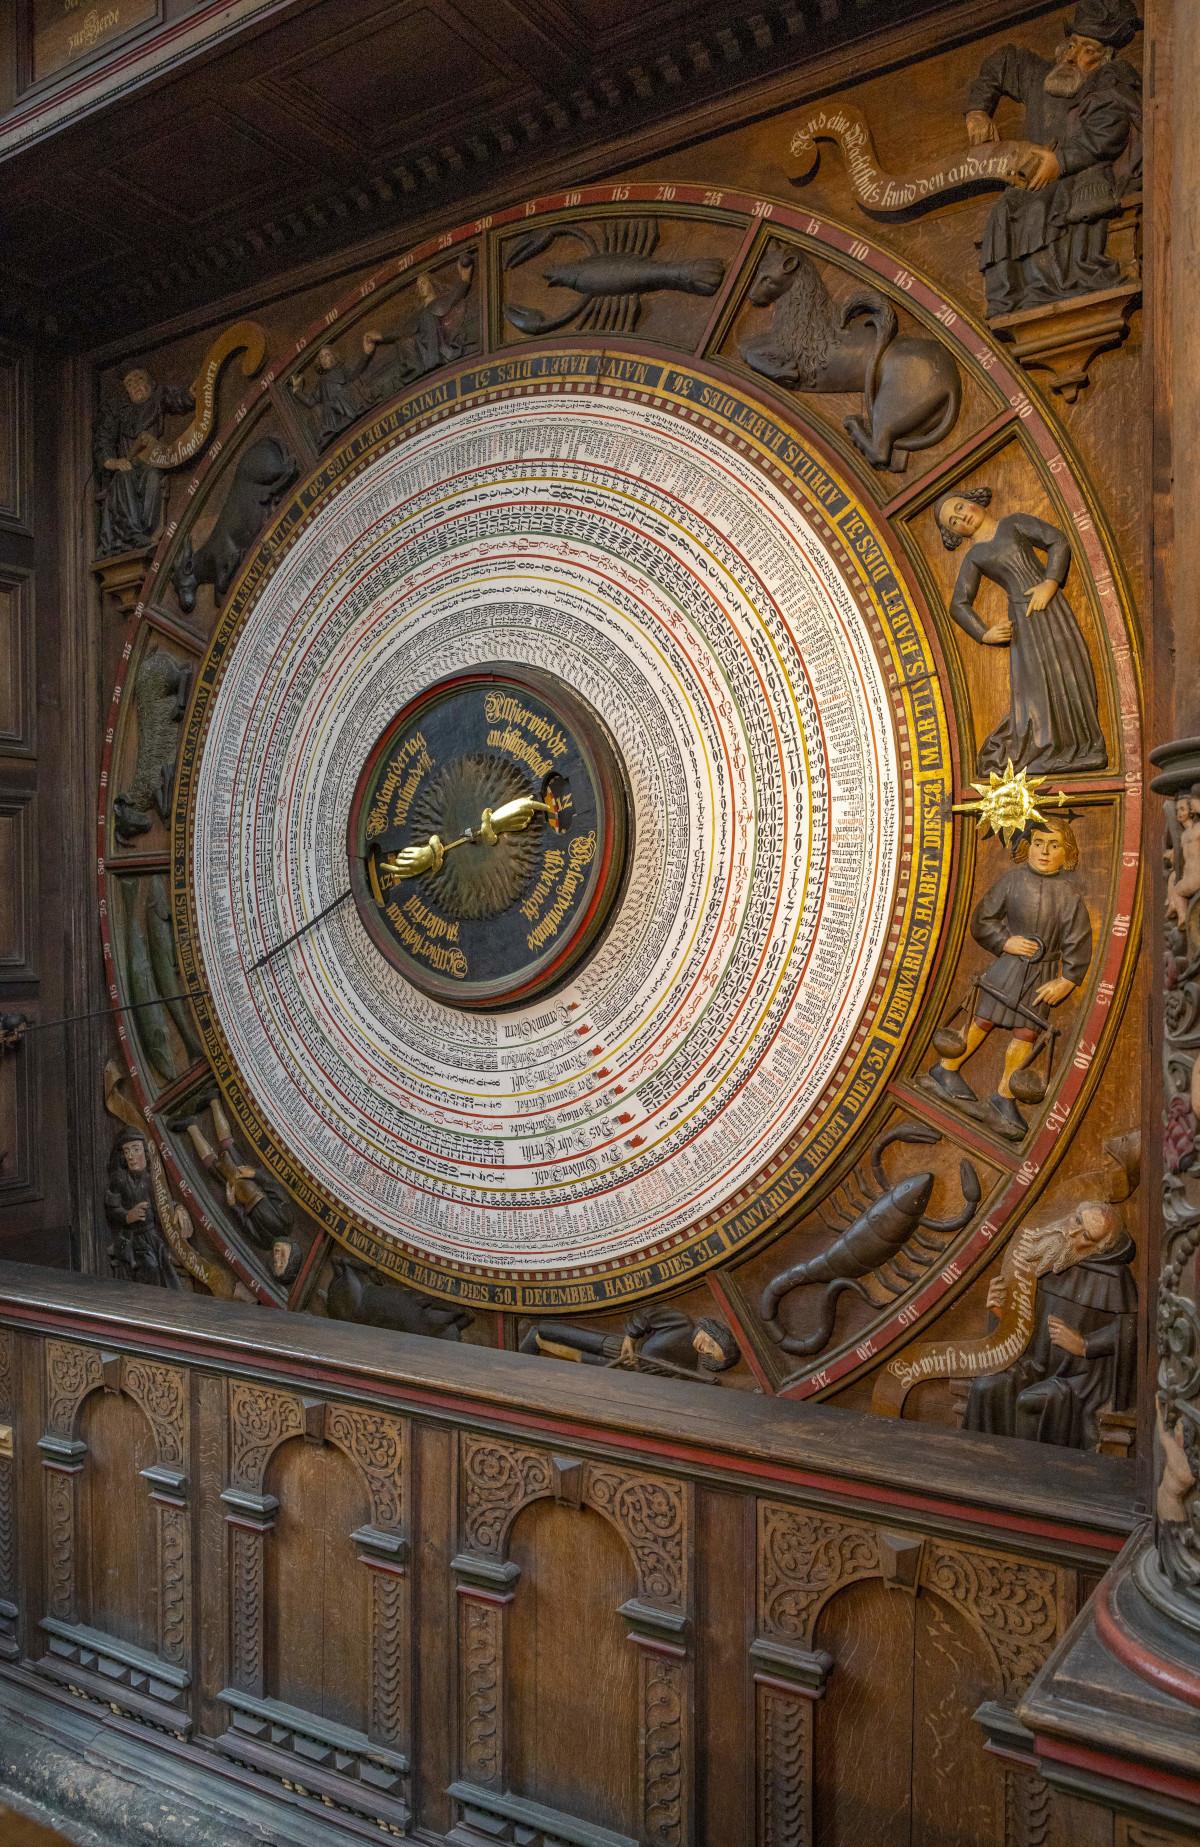 St.-Marien-Kirche, Astronomische Uhr, unterer Teil